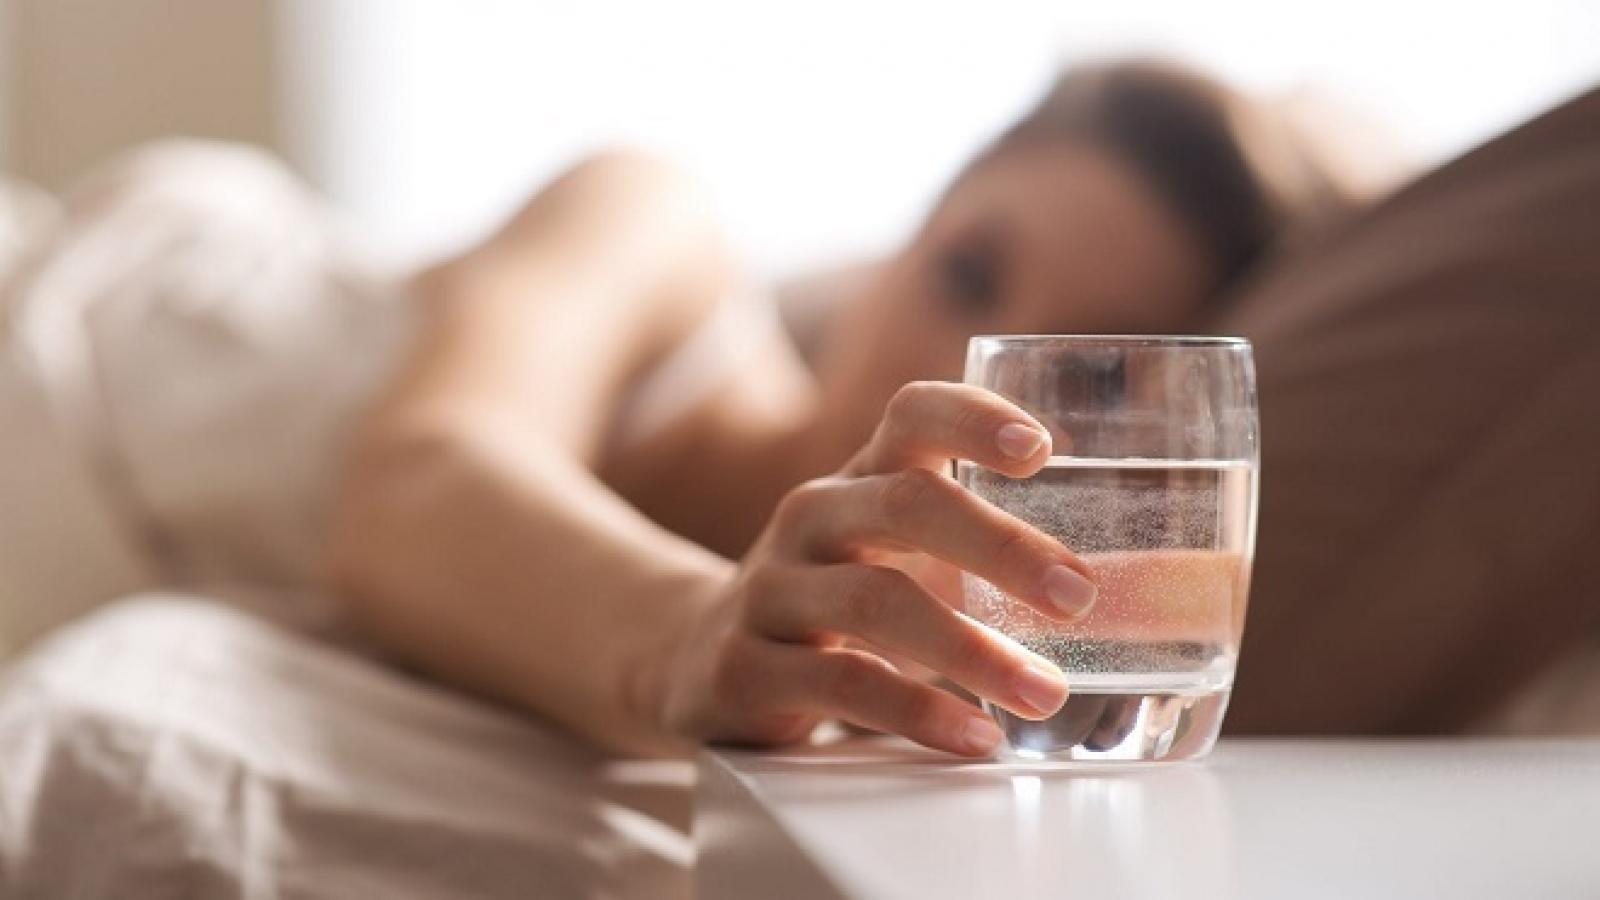 Lợi ích tuyệt vời khi uống nước vào buổi sáng khi ngủ dậy